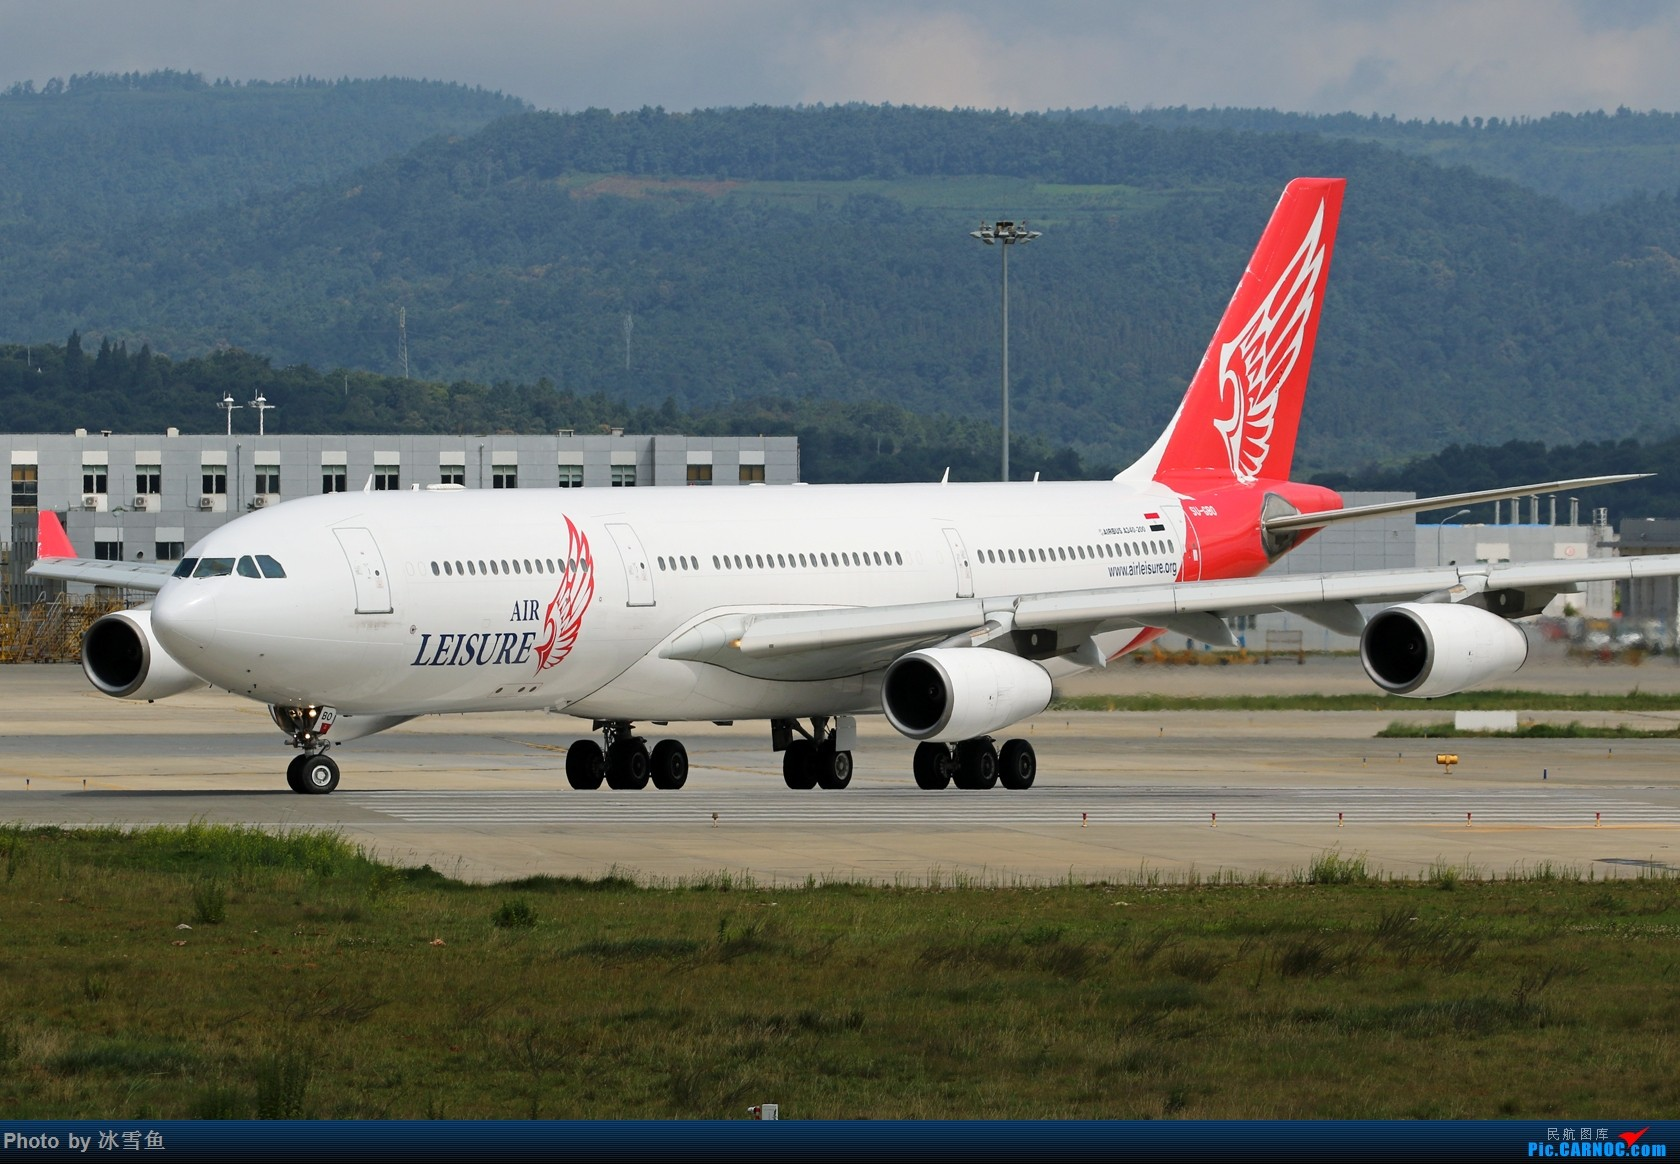 【BLDDQ-昆明飞友会】七爷人品确实好,埃及休闲航空A340-200都为你延误! AIRBUS A340-212 SU-GBO 中国昆明长水国际机场